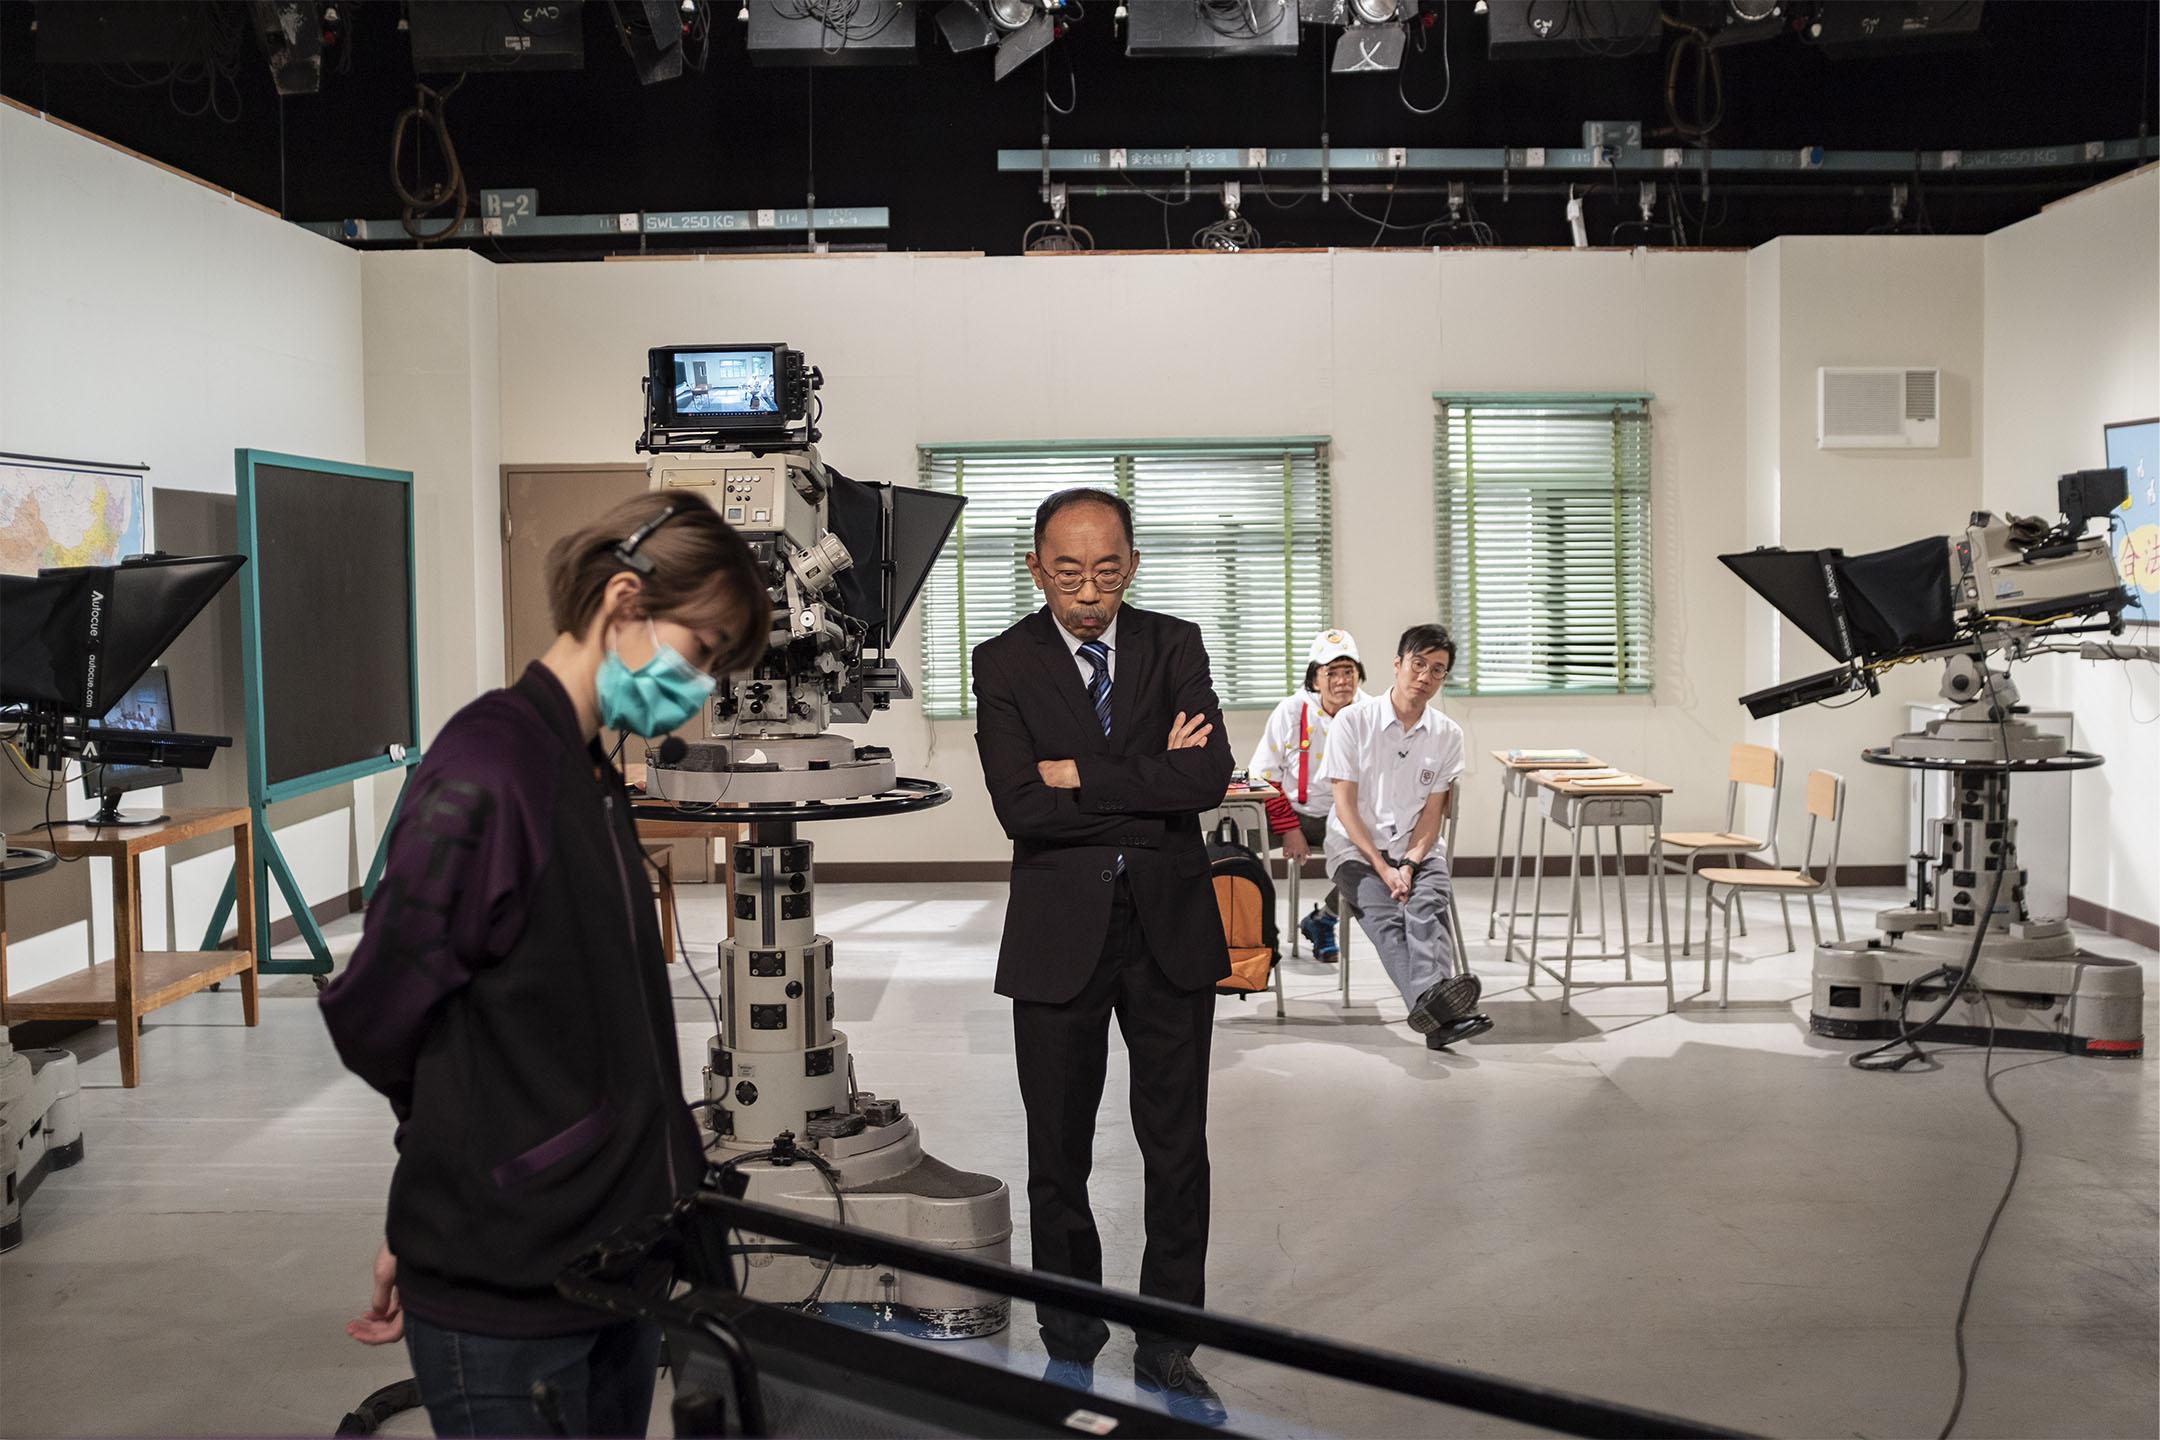 扮演校長的吳志森與扮演黃之鋒的曾志豪在觀看重播。